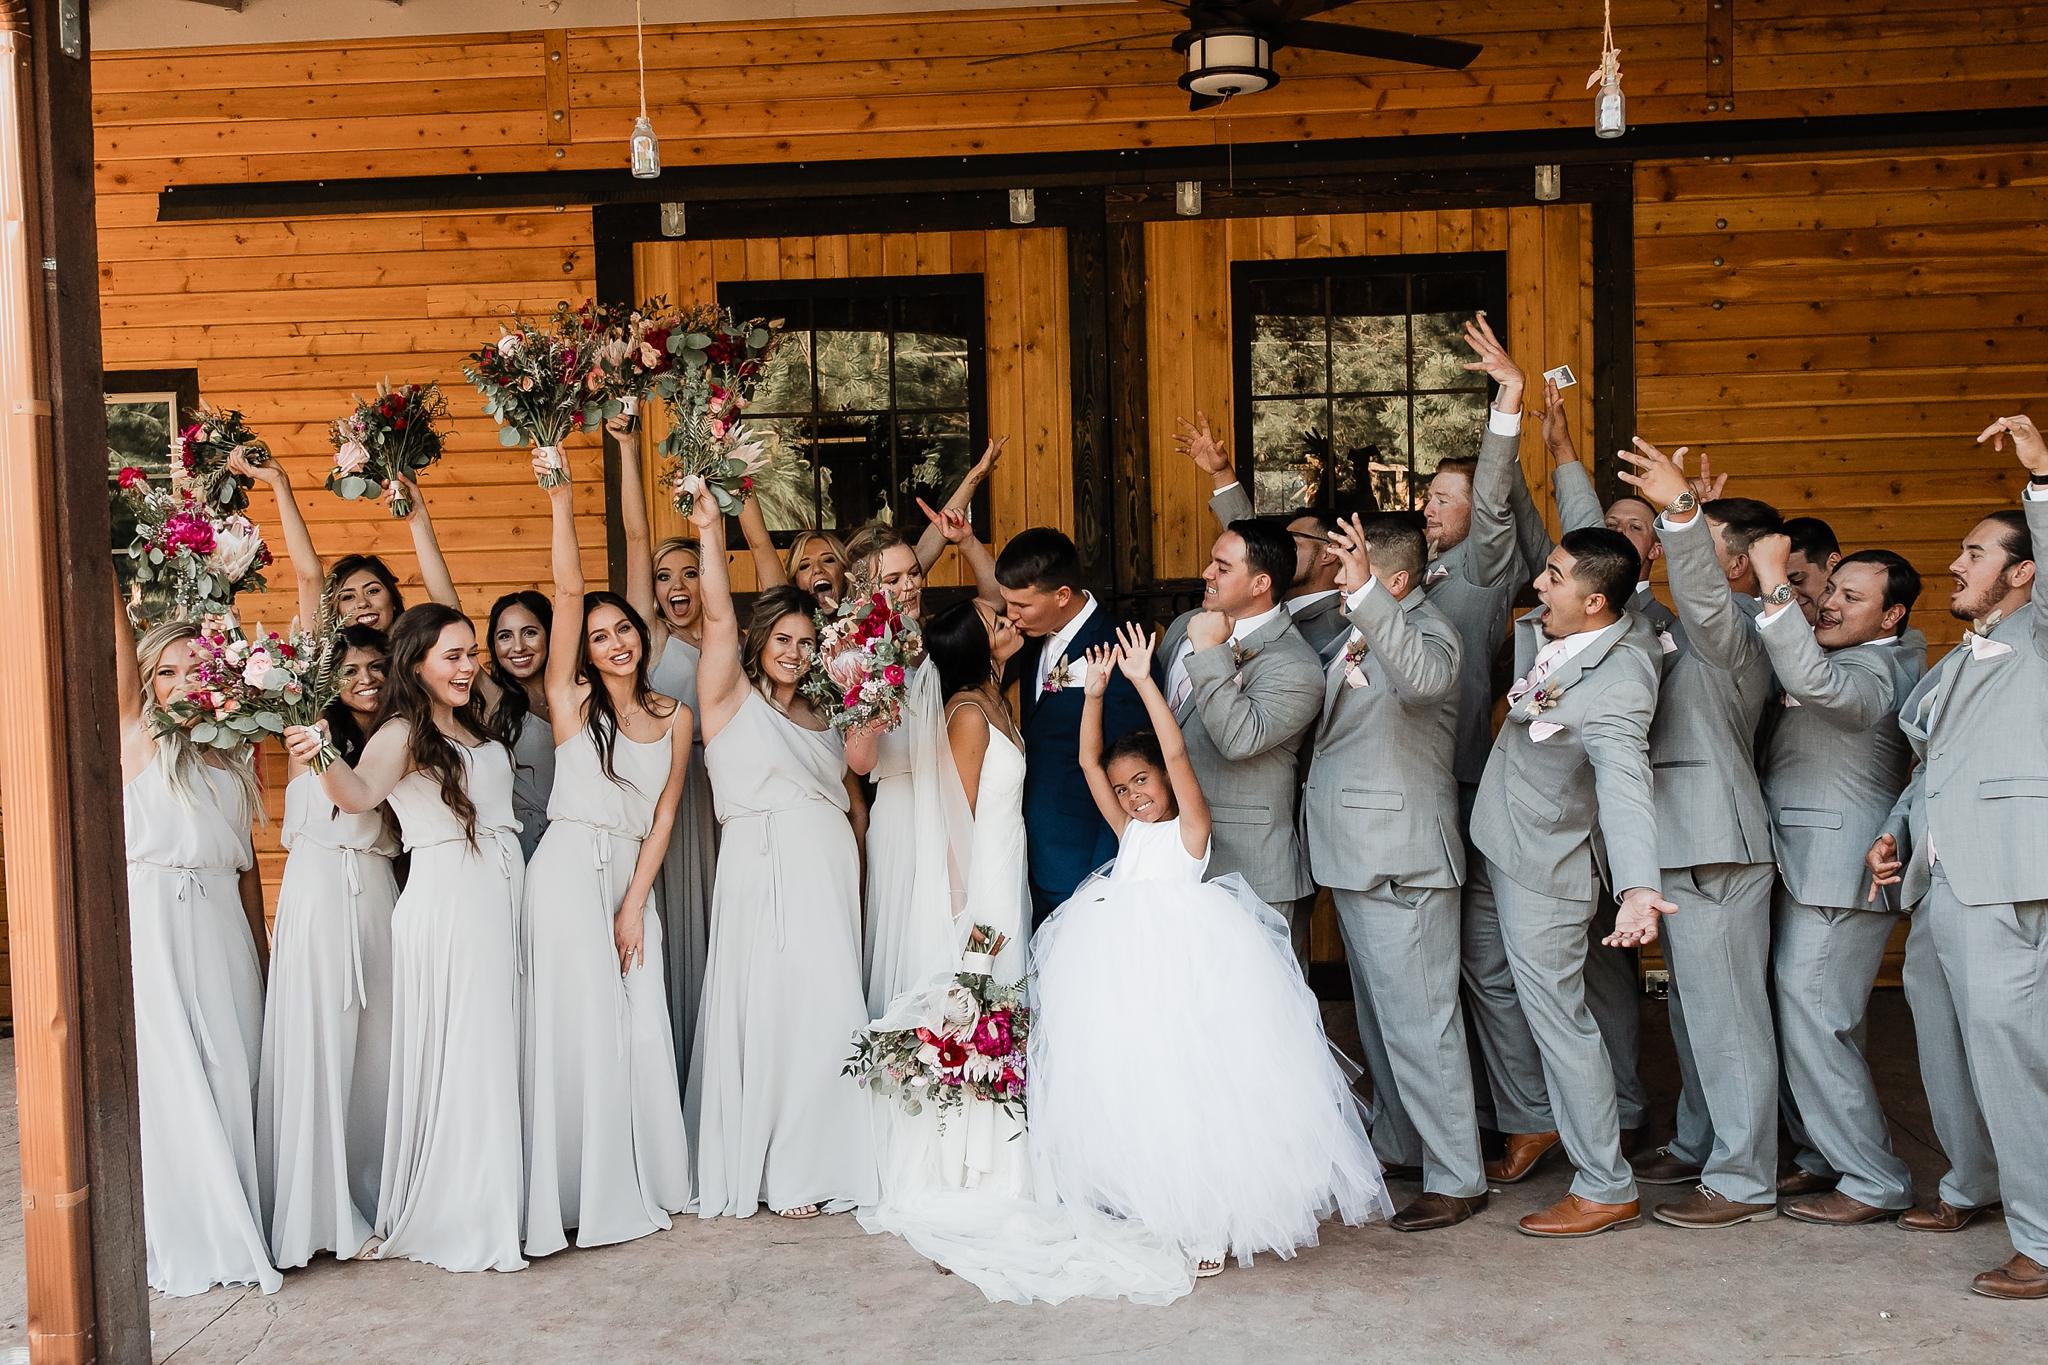 Alicia+lucia+photography+-+albuquerque+wedding+photographer+-+santa+fe+wedding+photography+-+new+mexico+wedding+photographer+-+new+mexico+wedding+-+new+mexico+wedding+-+barn+wedding+-+enchanted+vine+barn+wedding+-+ruidoso+wedding_0117.jpg